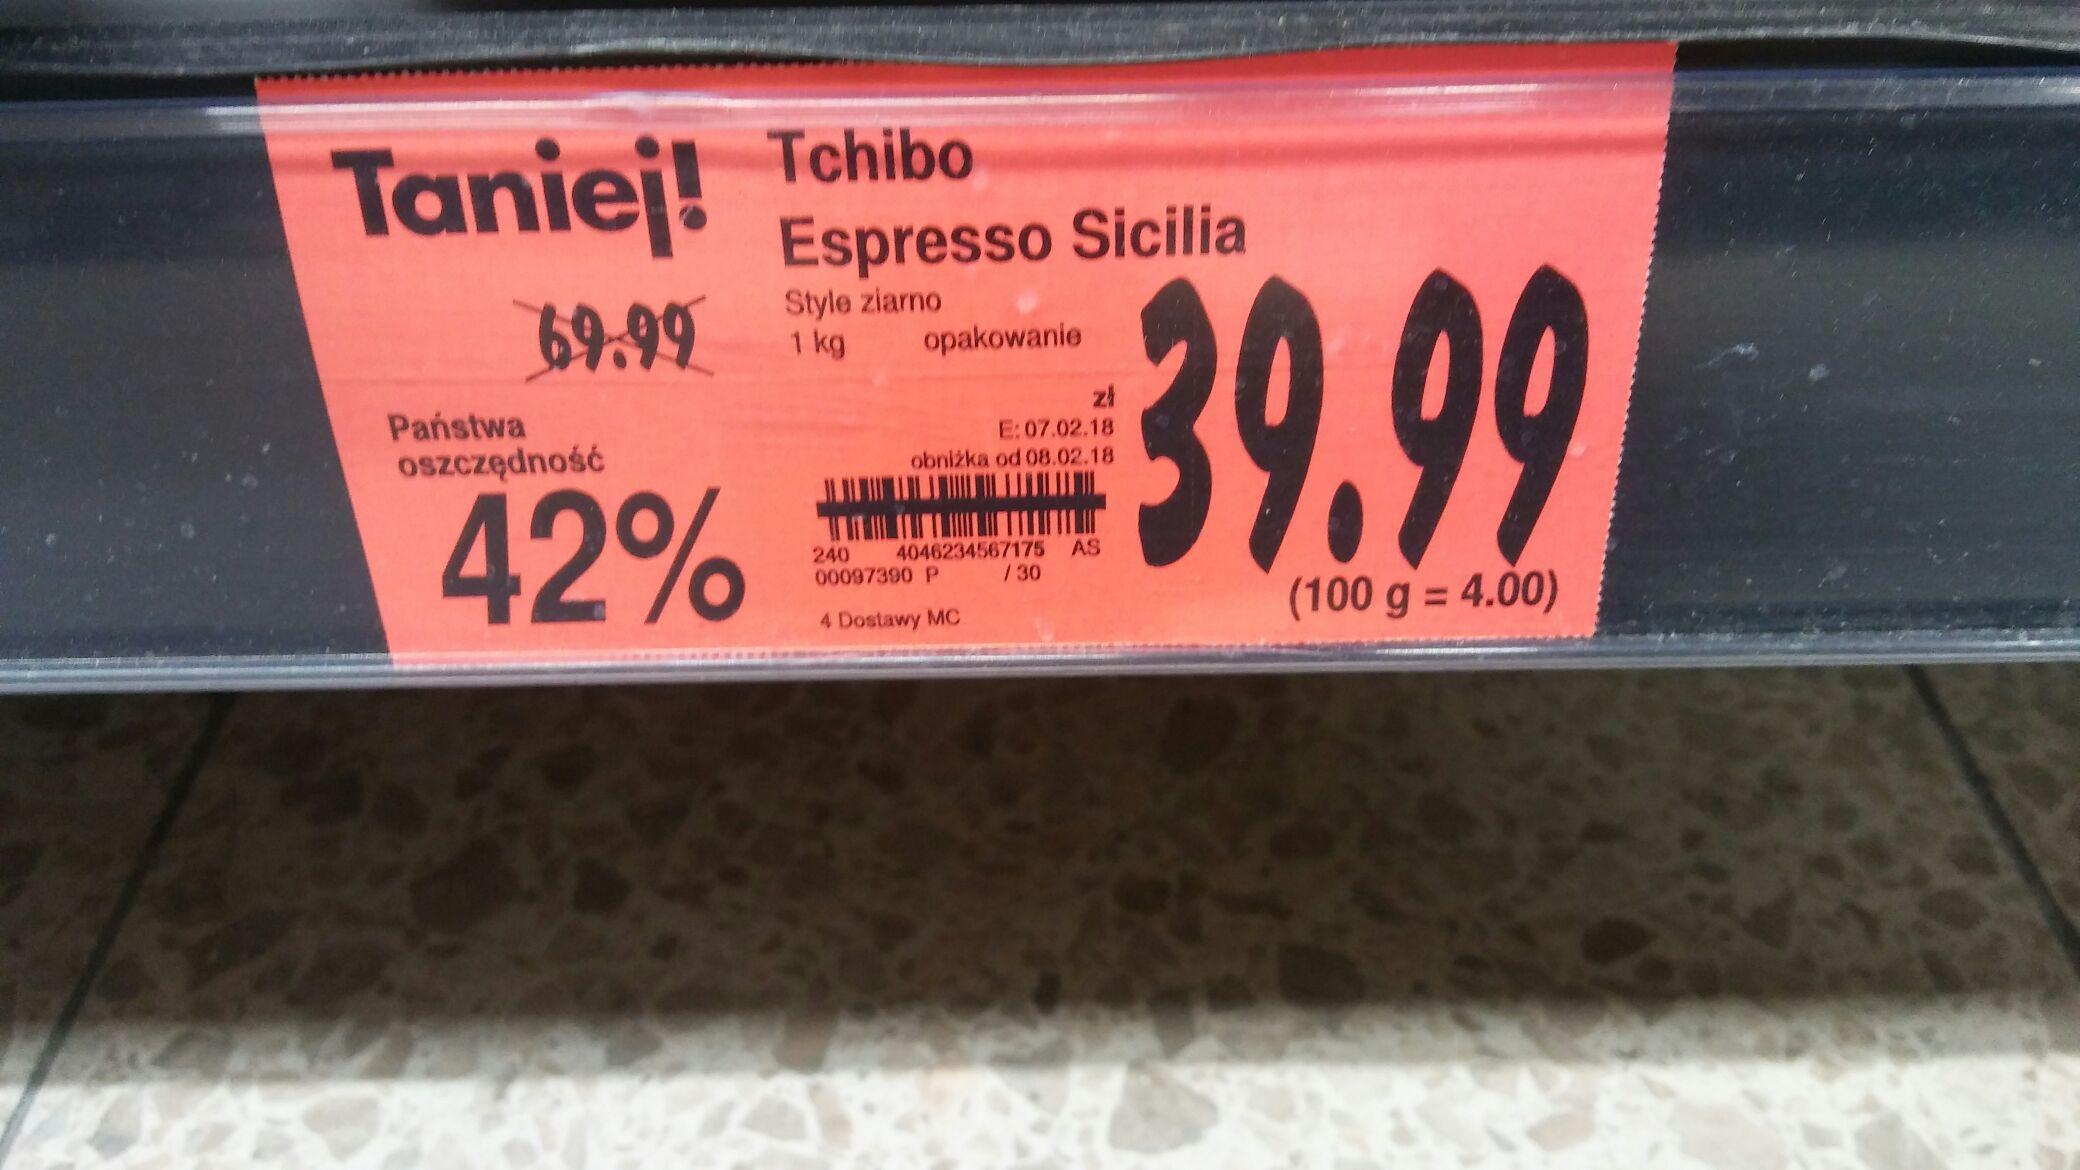 Tchibo Espresso Sicilia 1kg kawa ziarnista